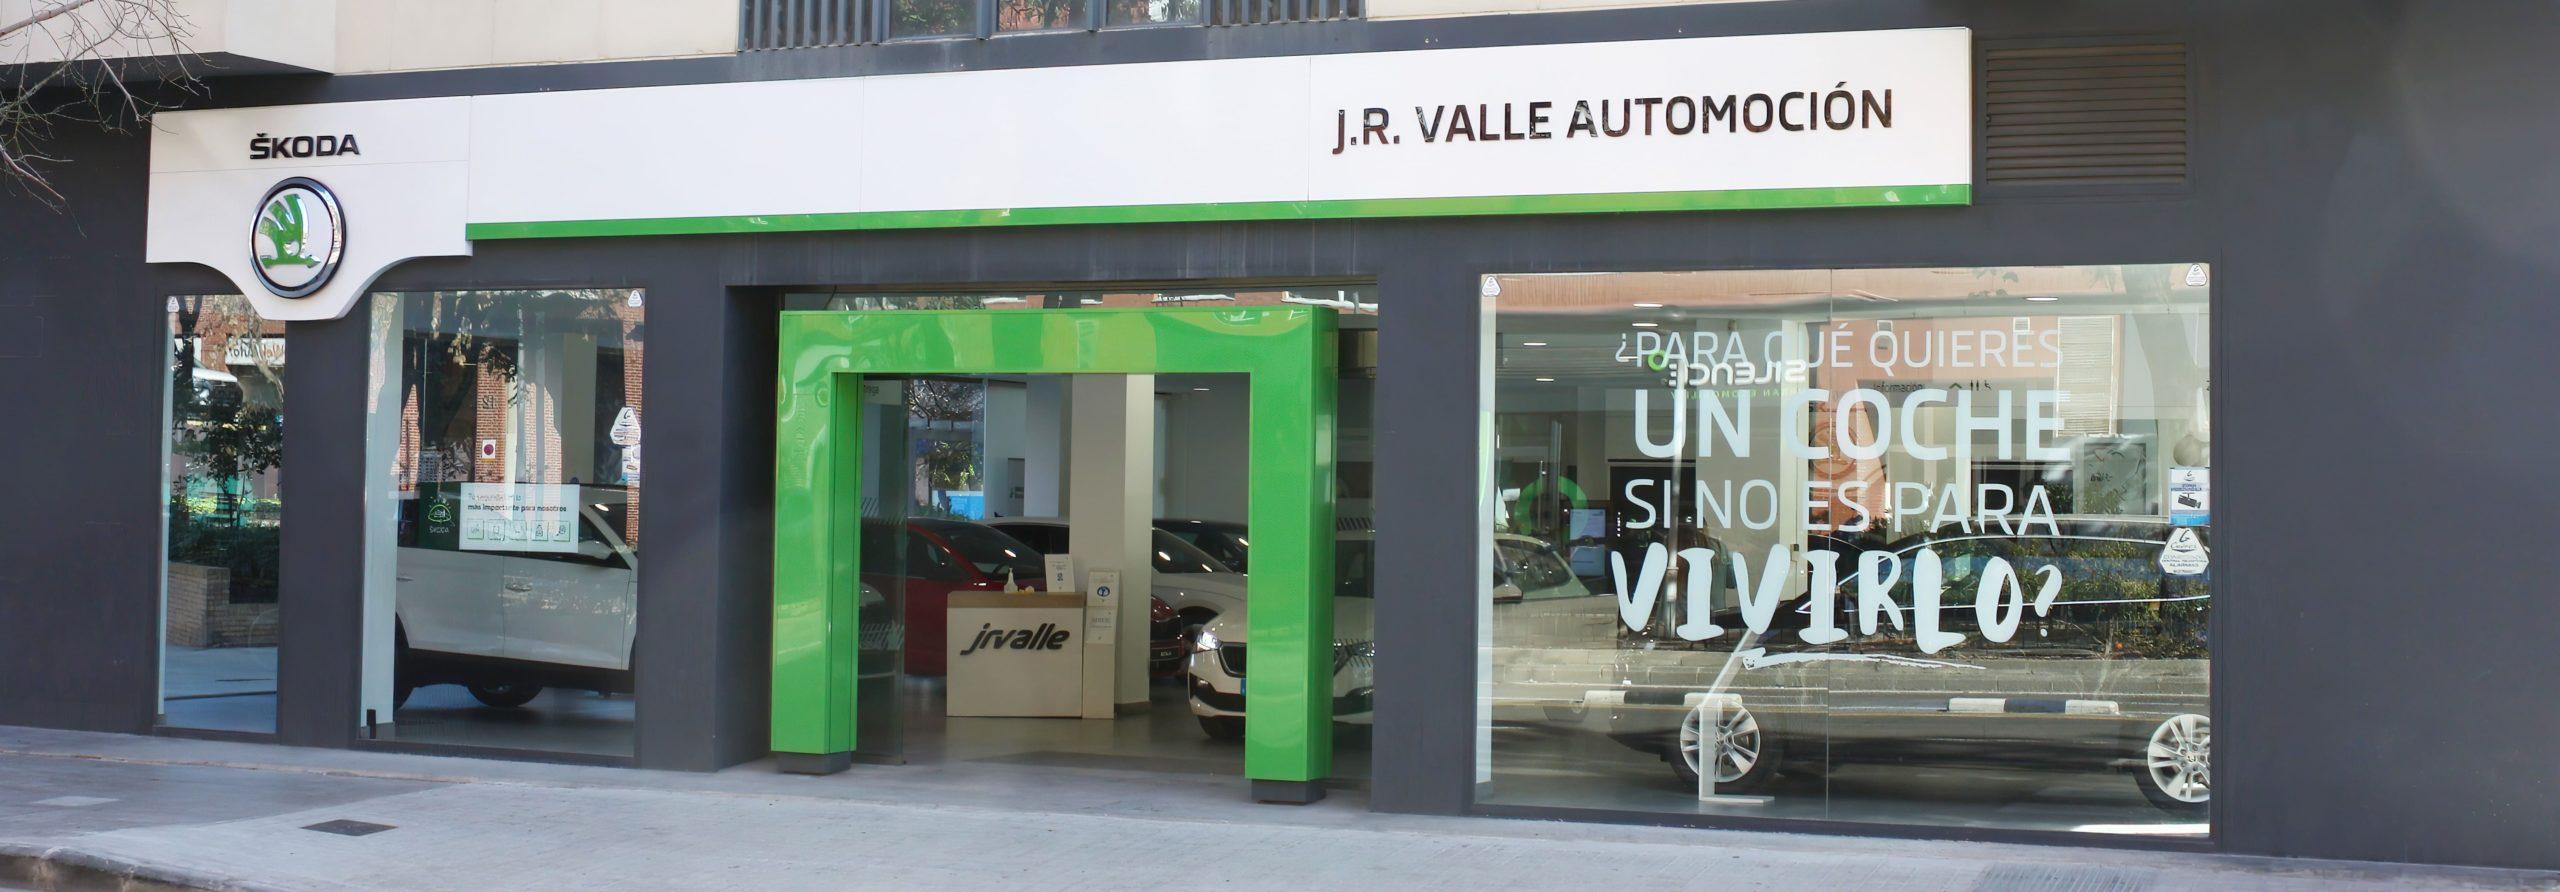 fachada-skoda-Valencia